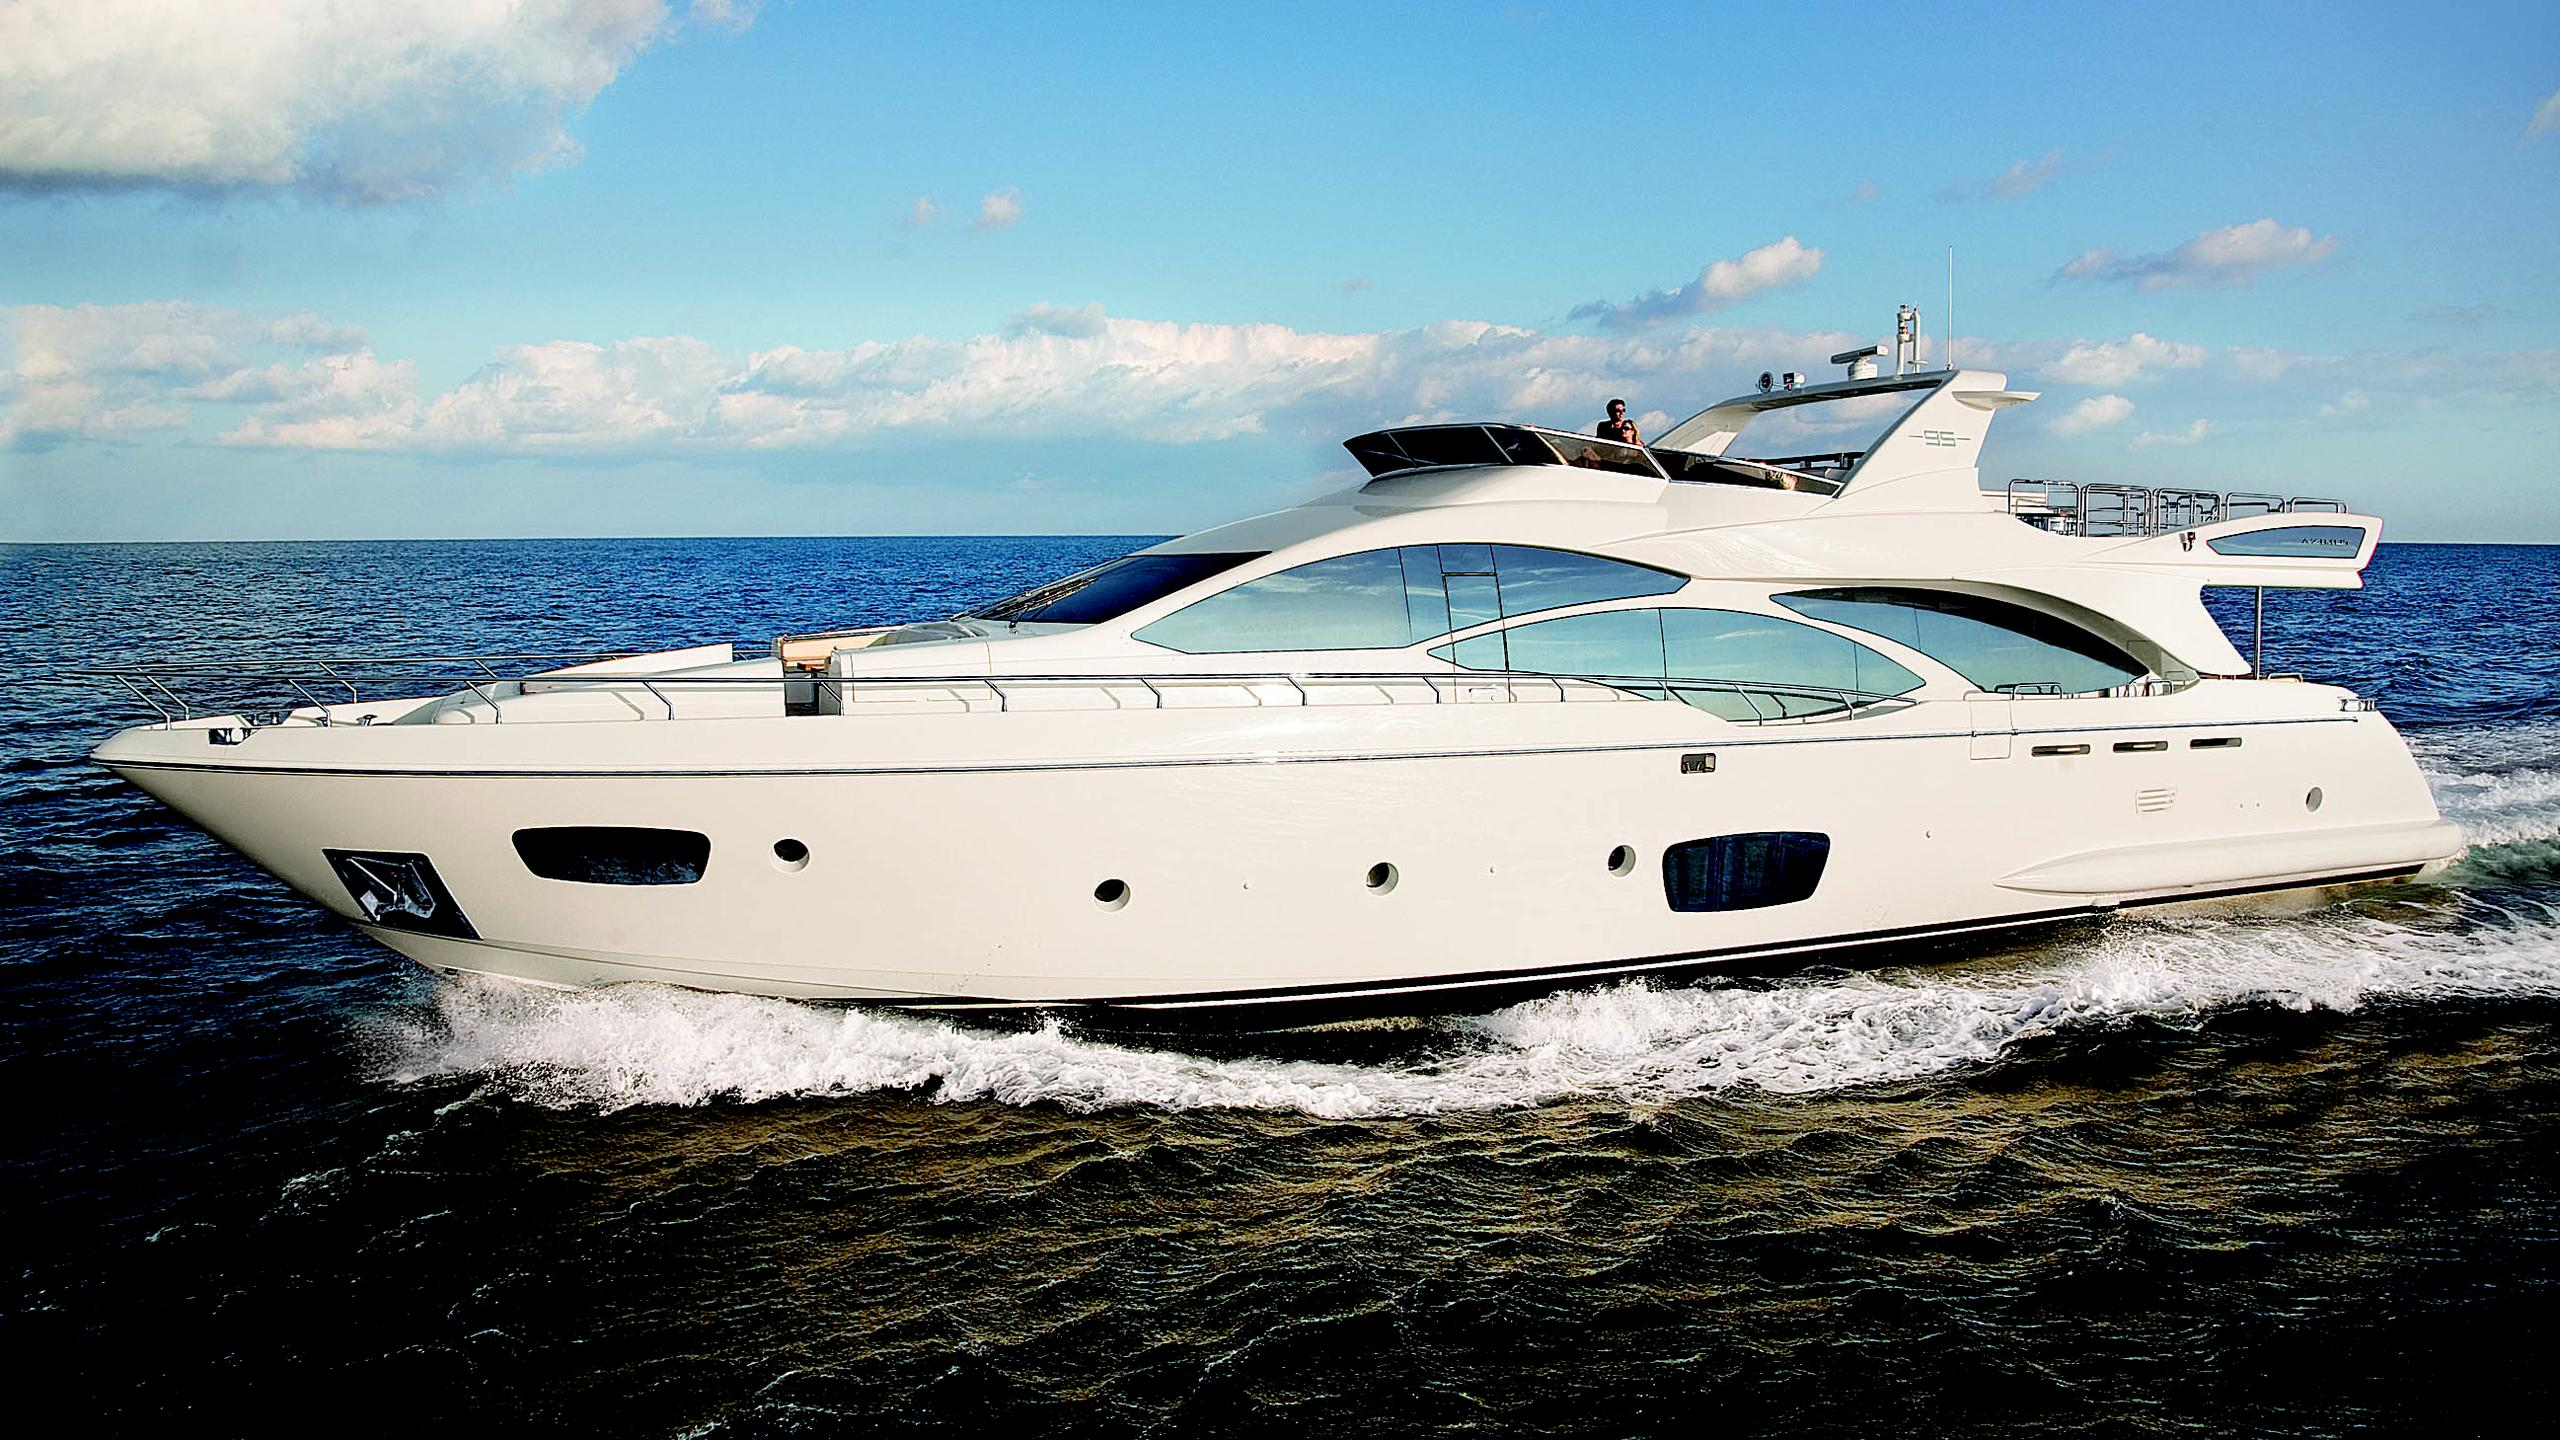 azimut-95-motor-yacht-2012-30m-profile